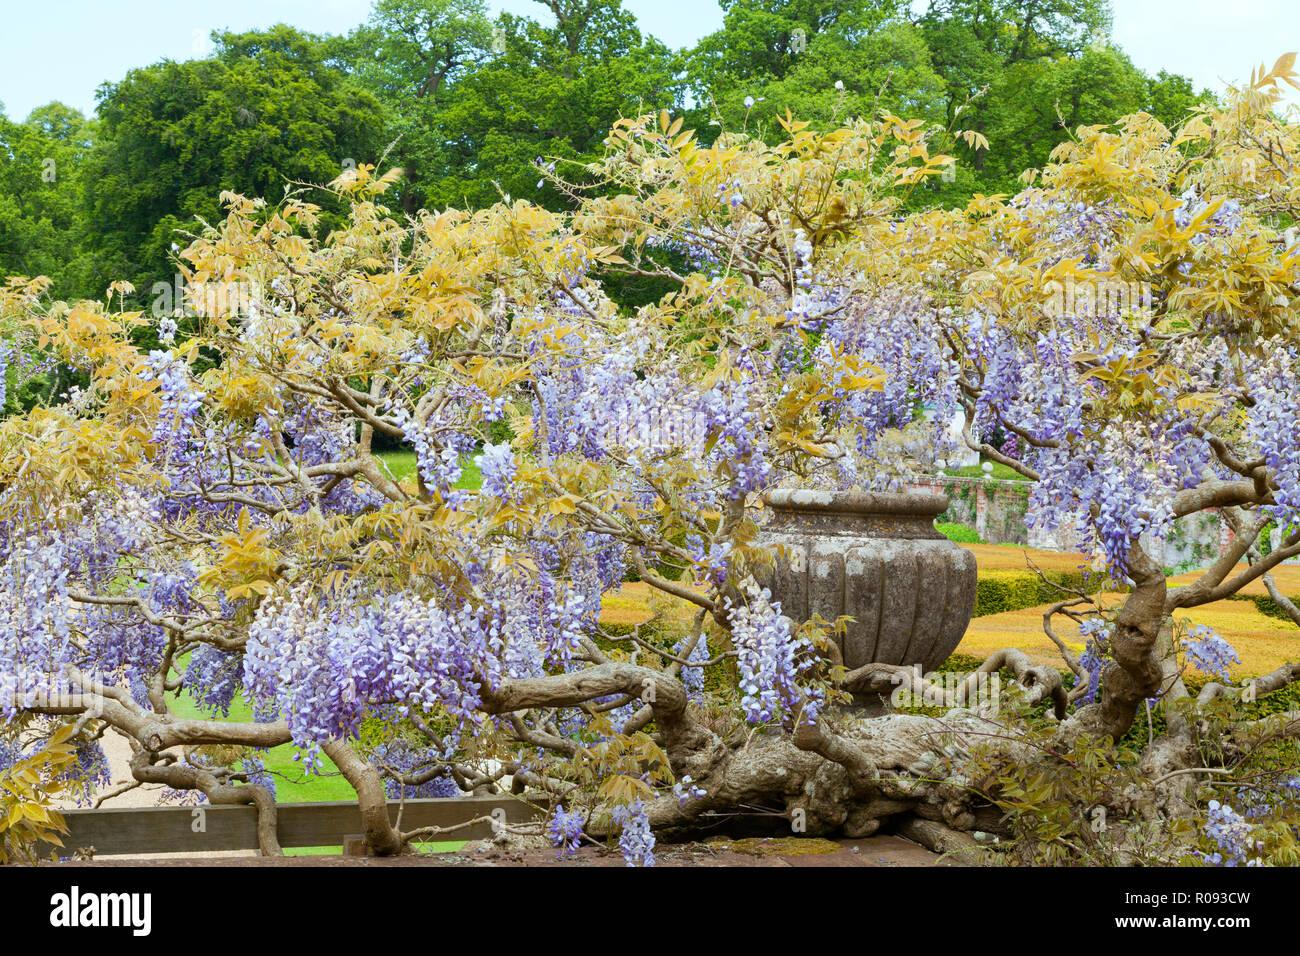 Une Glycine En Pot wisteria flowers stock photos & wisteria flowers stock